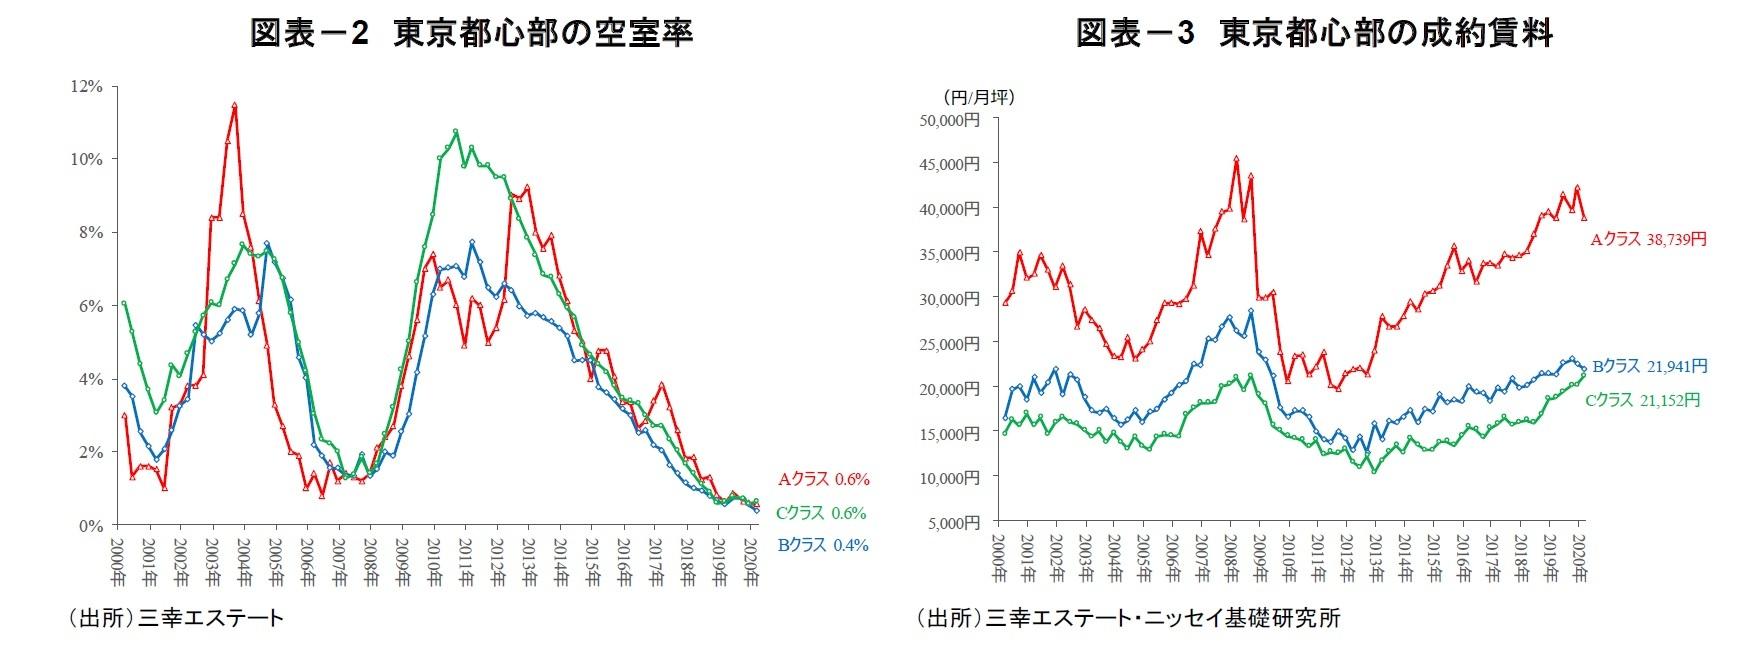 図表-2 東京都心部の空室率/図表-3 東京都心部の成約賃料